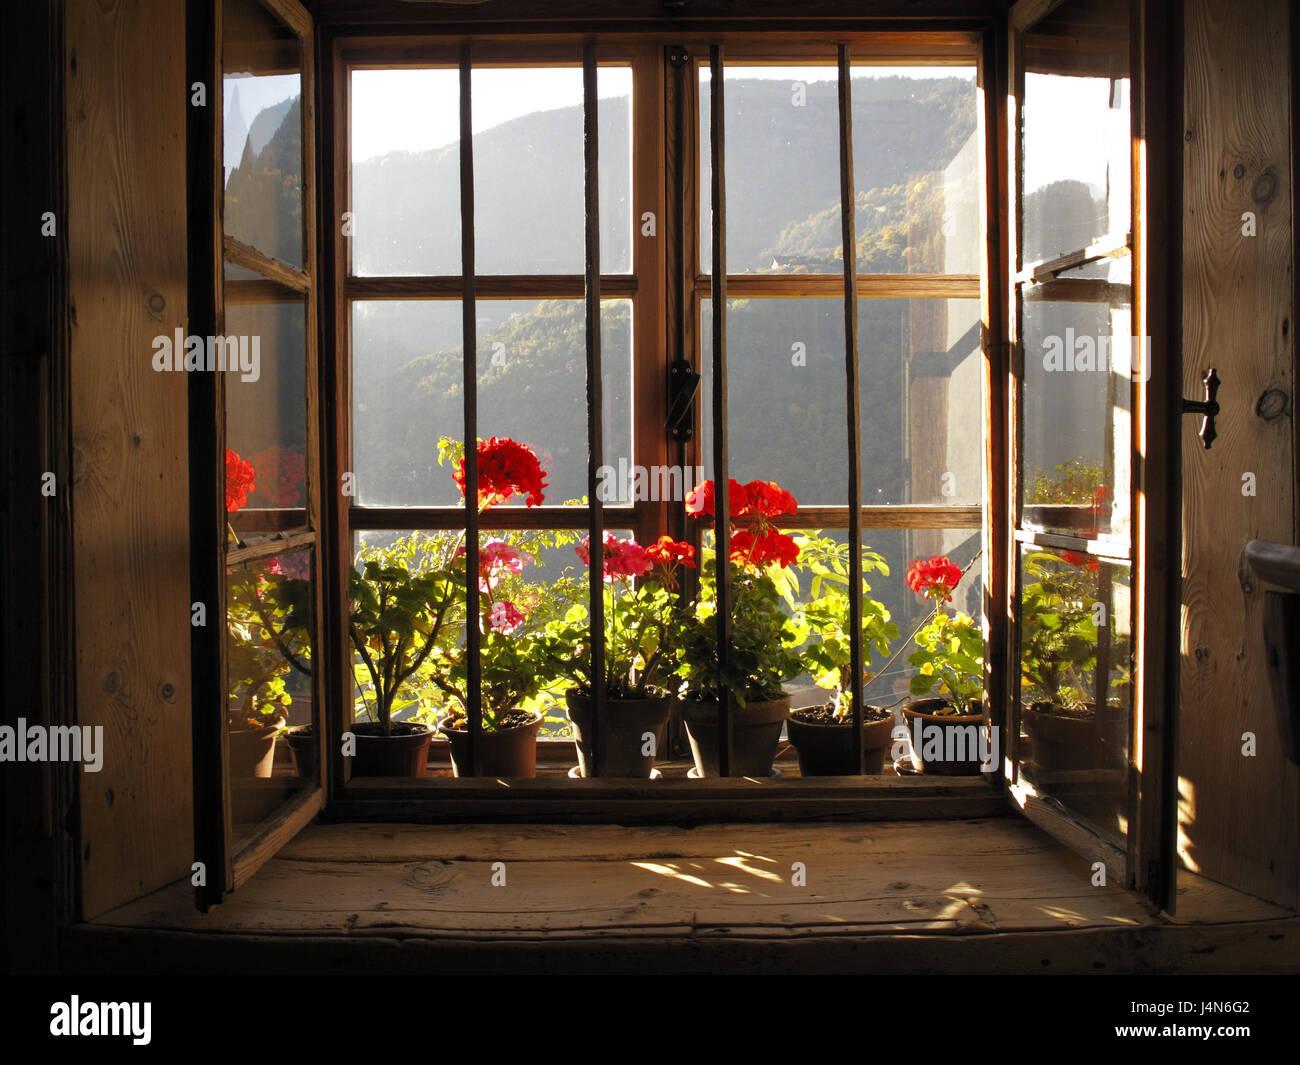 Bauernhaus-Fenster mit Blumenschmuck von innen, Architektur ...